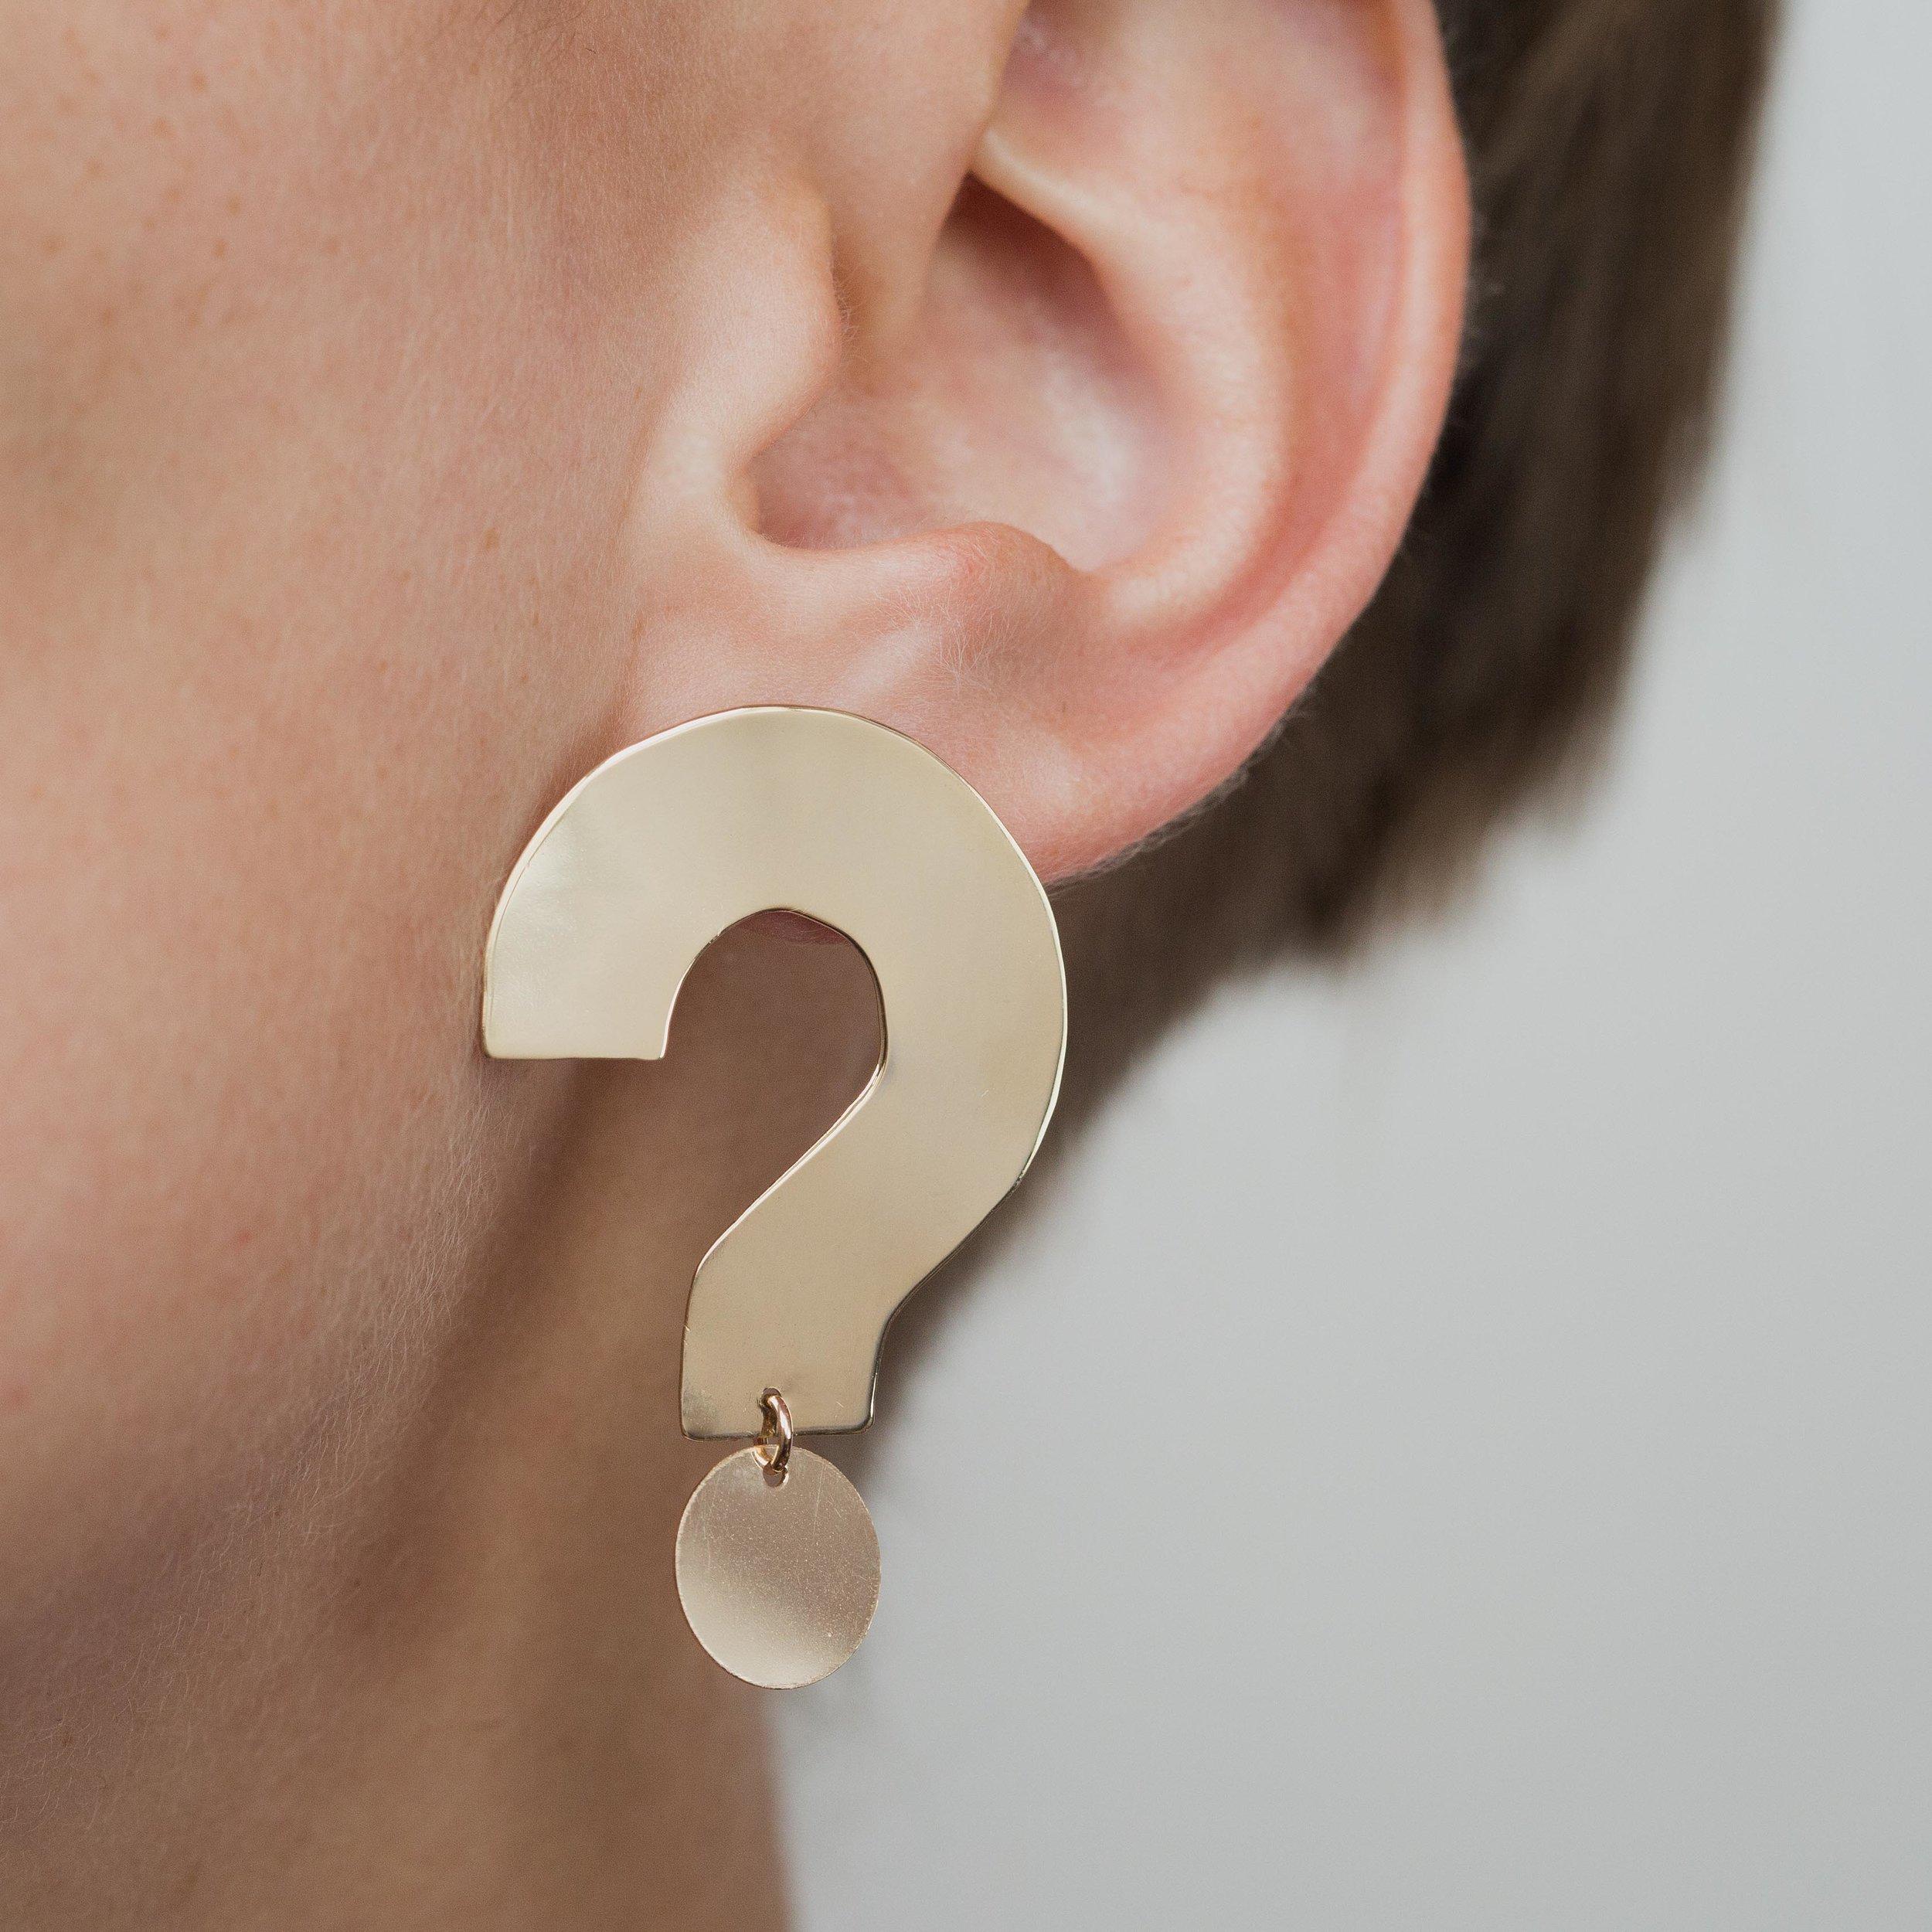 ONE SIX FIVE Q+A EARRING